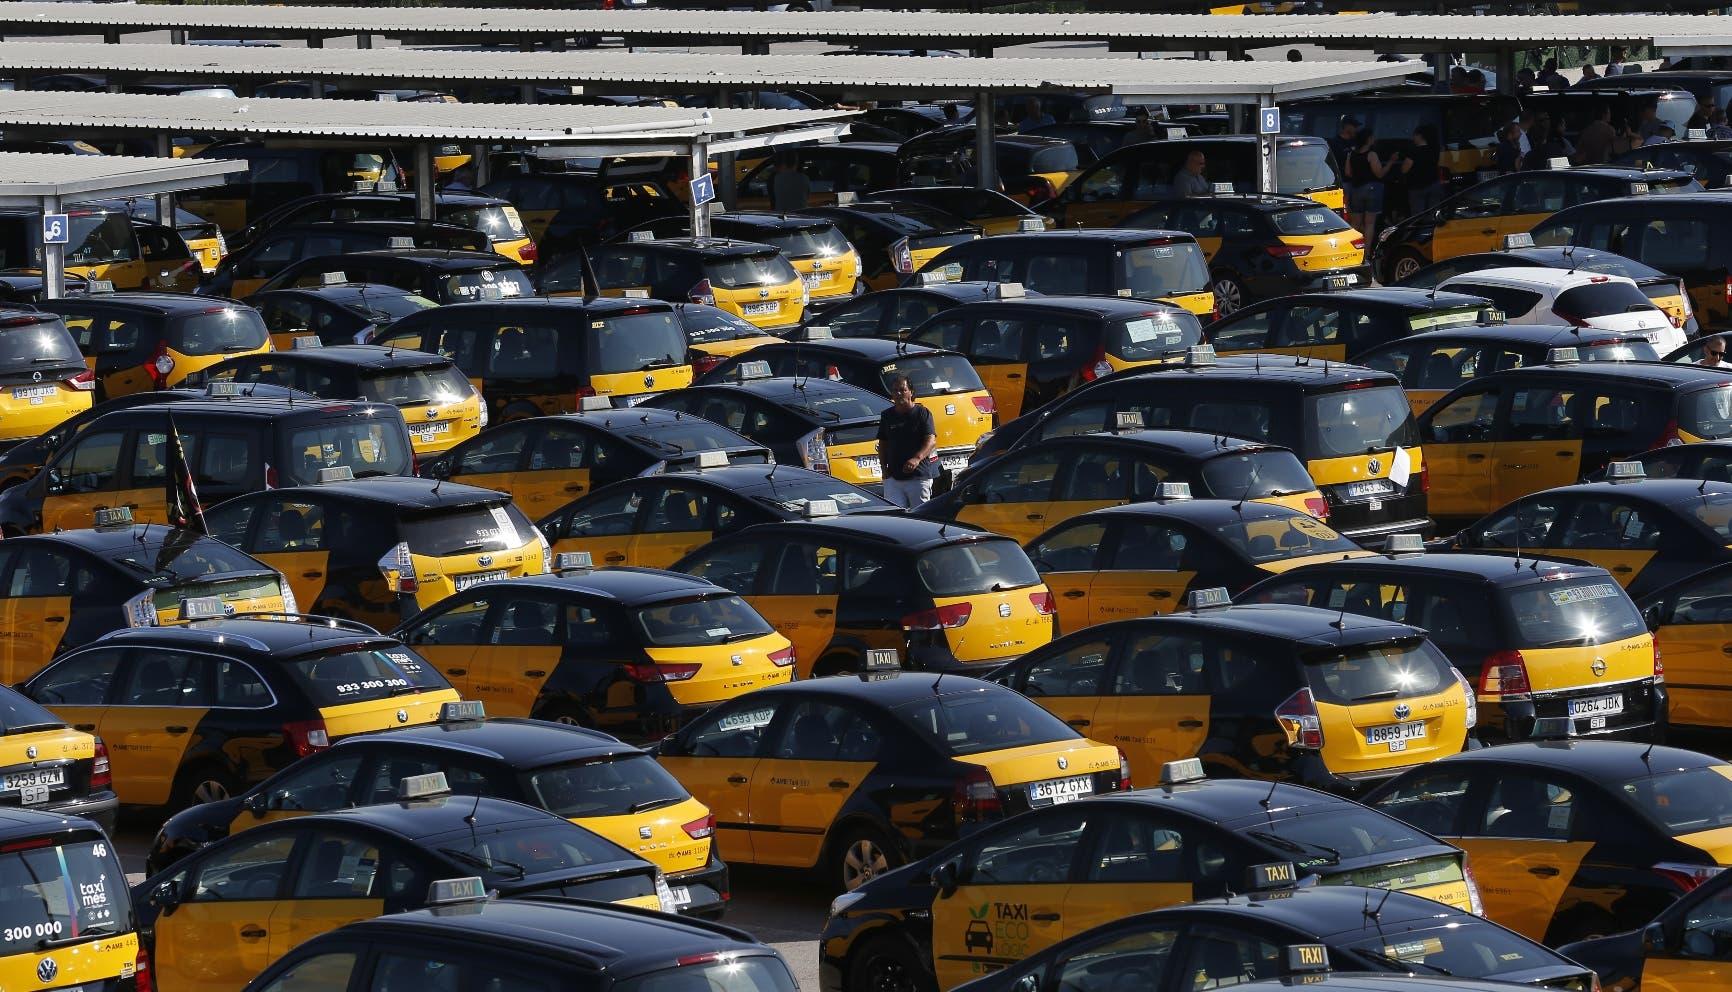 Taxis estacionados durante una huelga en el aeropuerto de Barcelona en Prat Llobregat, España, 26 de julio de 2018. Los taxis protestan contra la multiplicación de autos de empresas como Uber y Cabify. (AP Foto/Manu Fernandez)